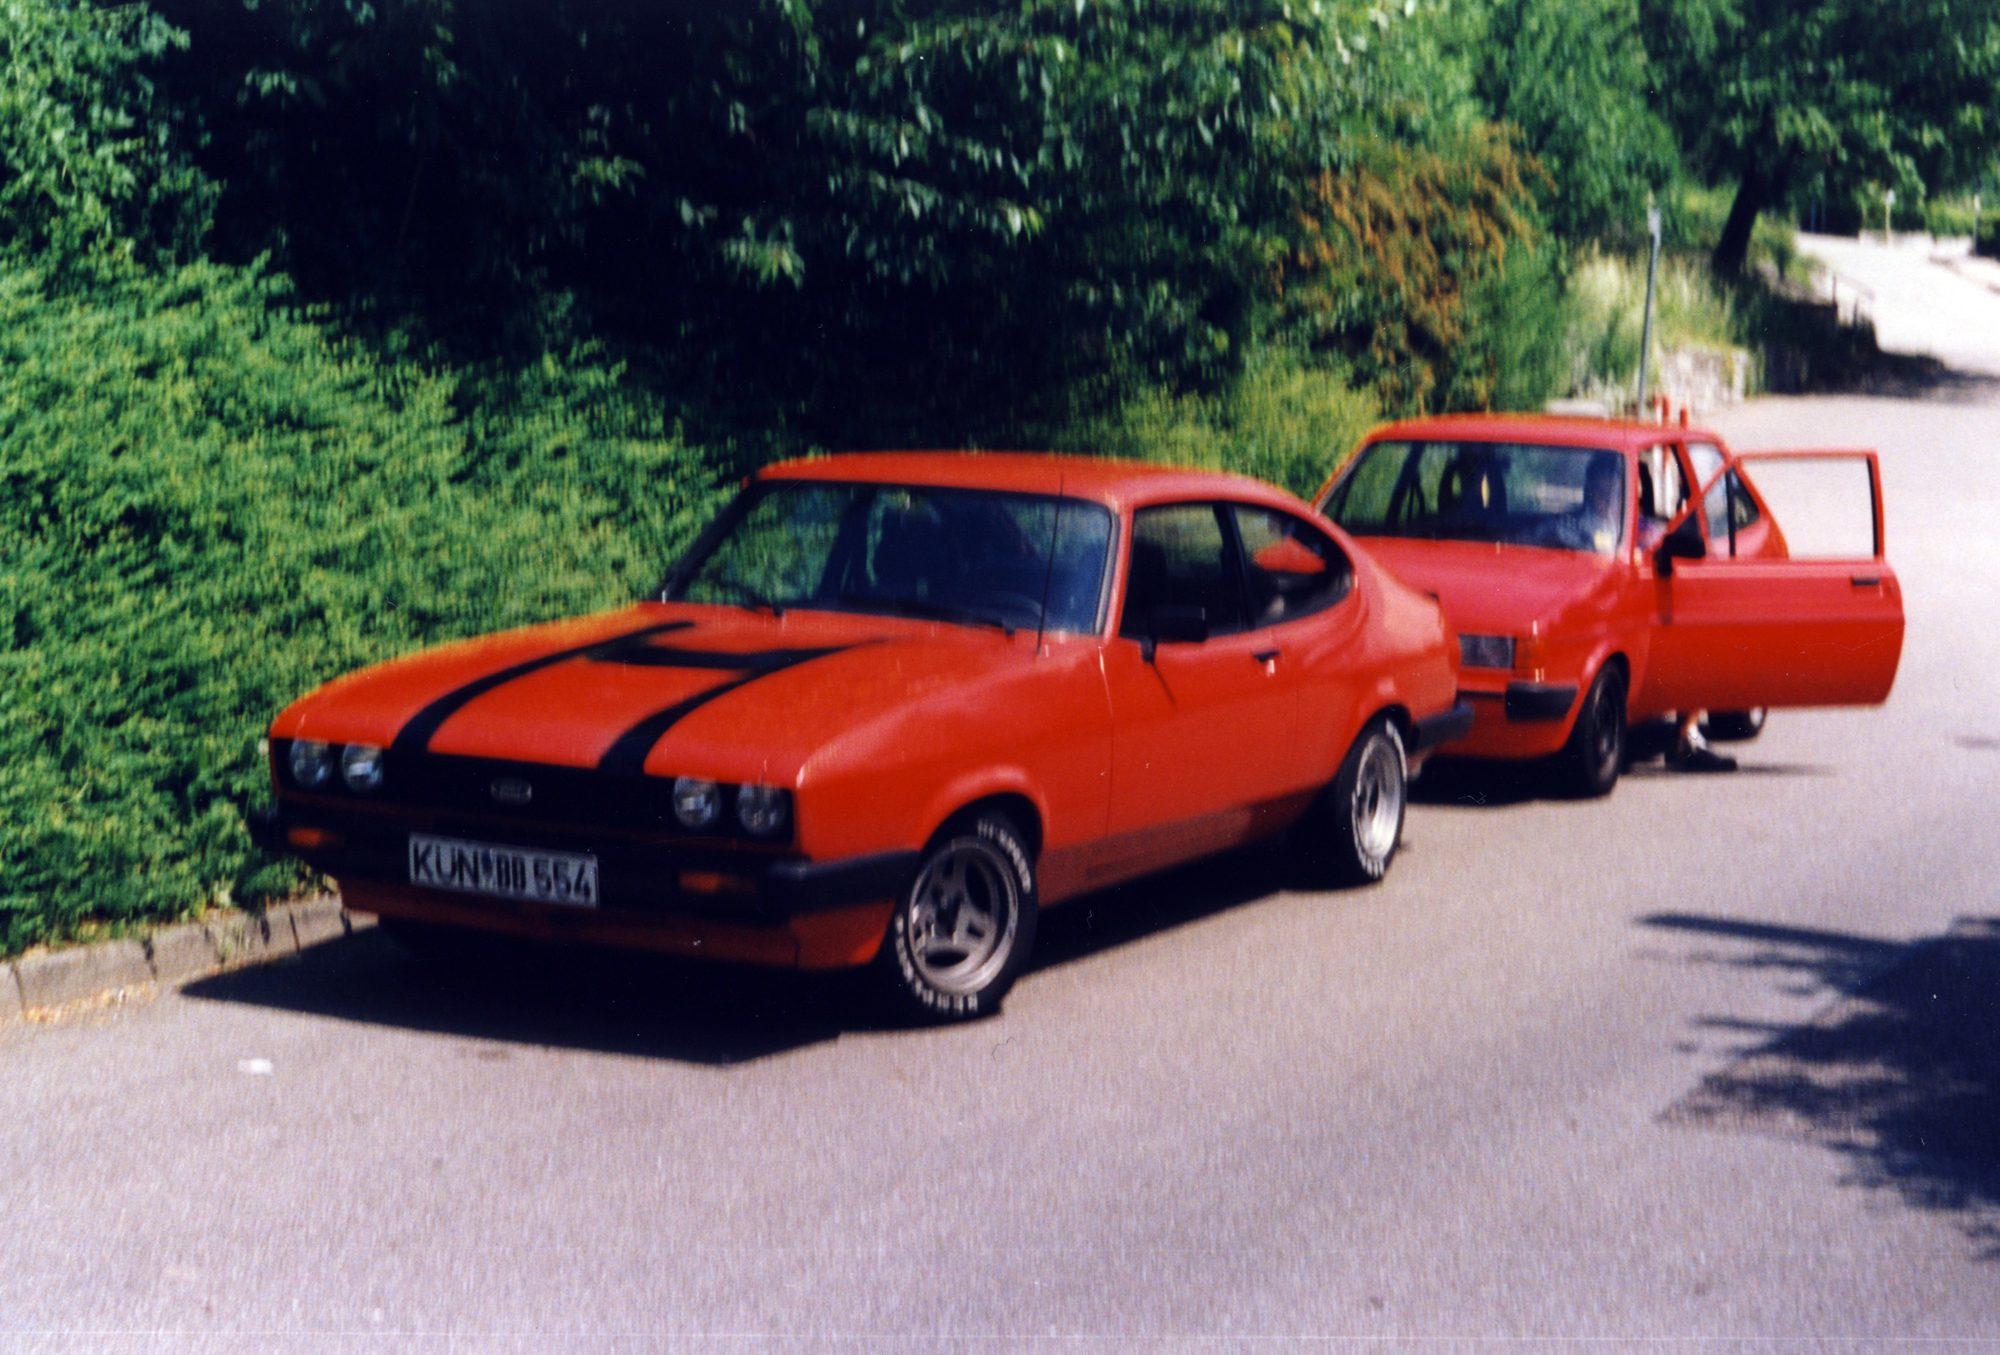 1996 - Thilos erstes Auto. Ford Capri, Baujahr 1982, 1,6l mit 73 PS... Der Motor hat allerdings nicht lange gehalten.